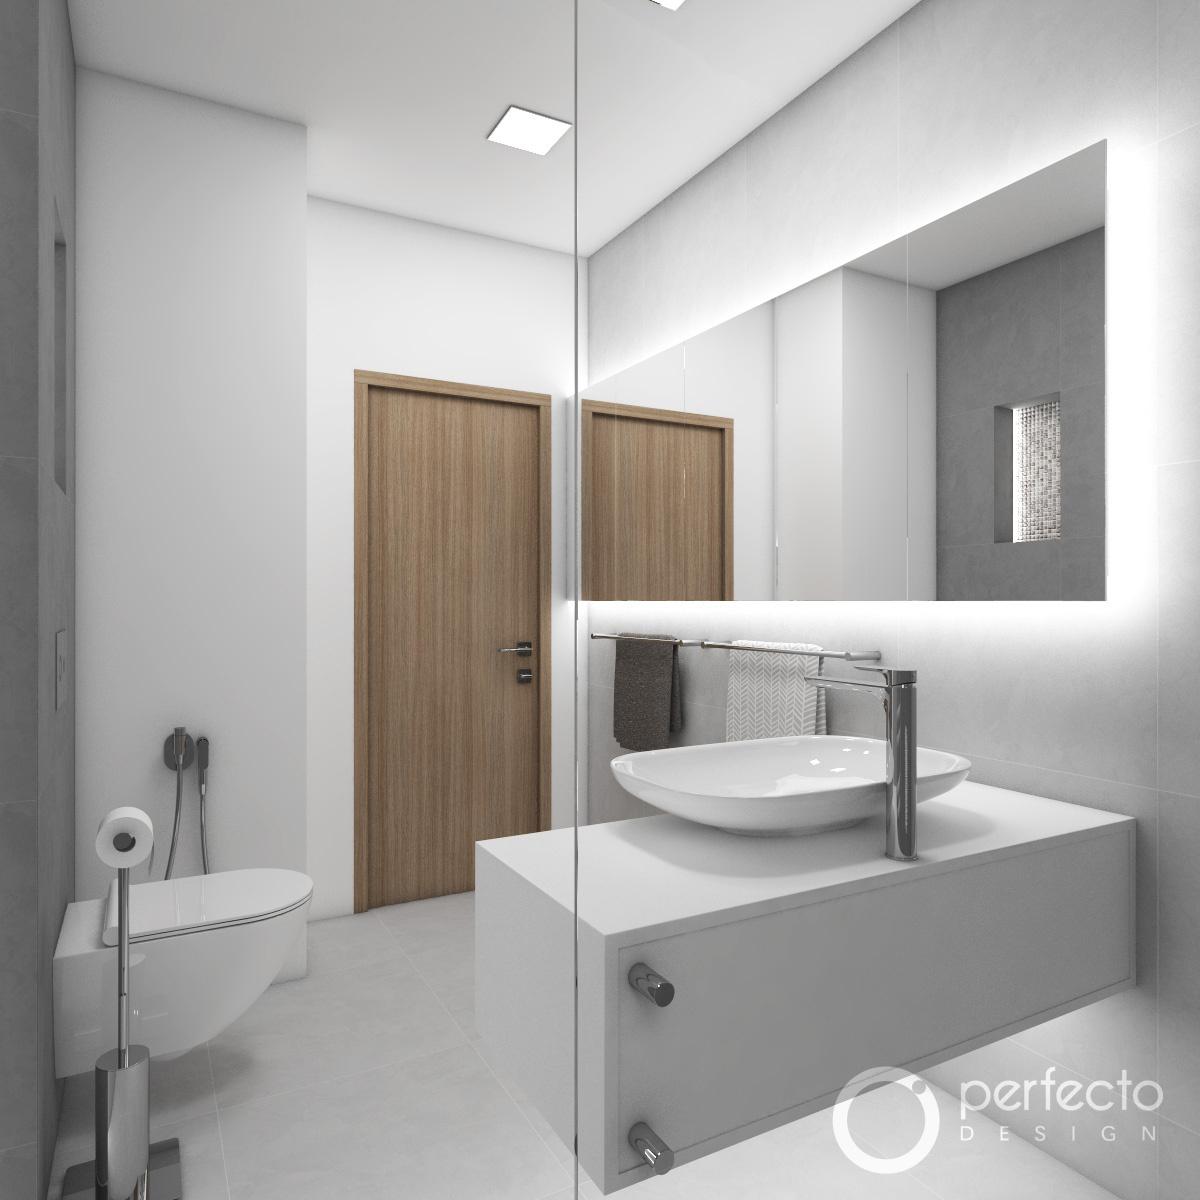 modernes badezimmer chicago perfecto design. Black Bedroom Furniture Sets. Home Design Ideas